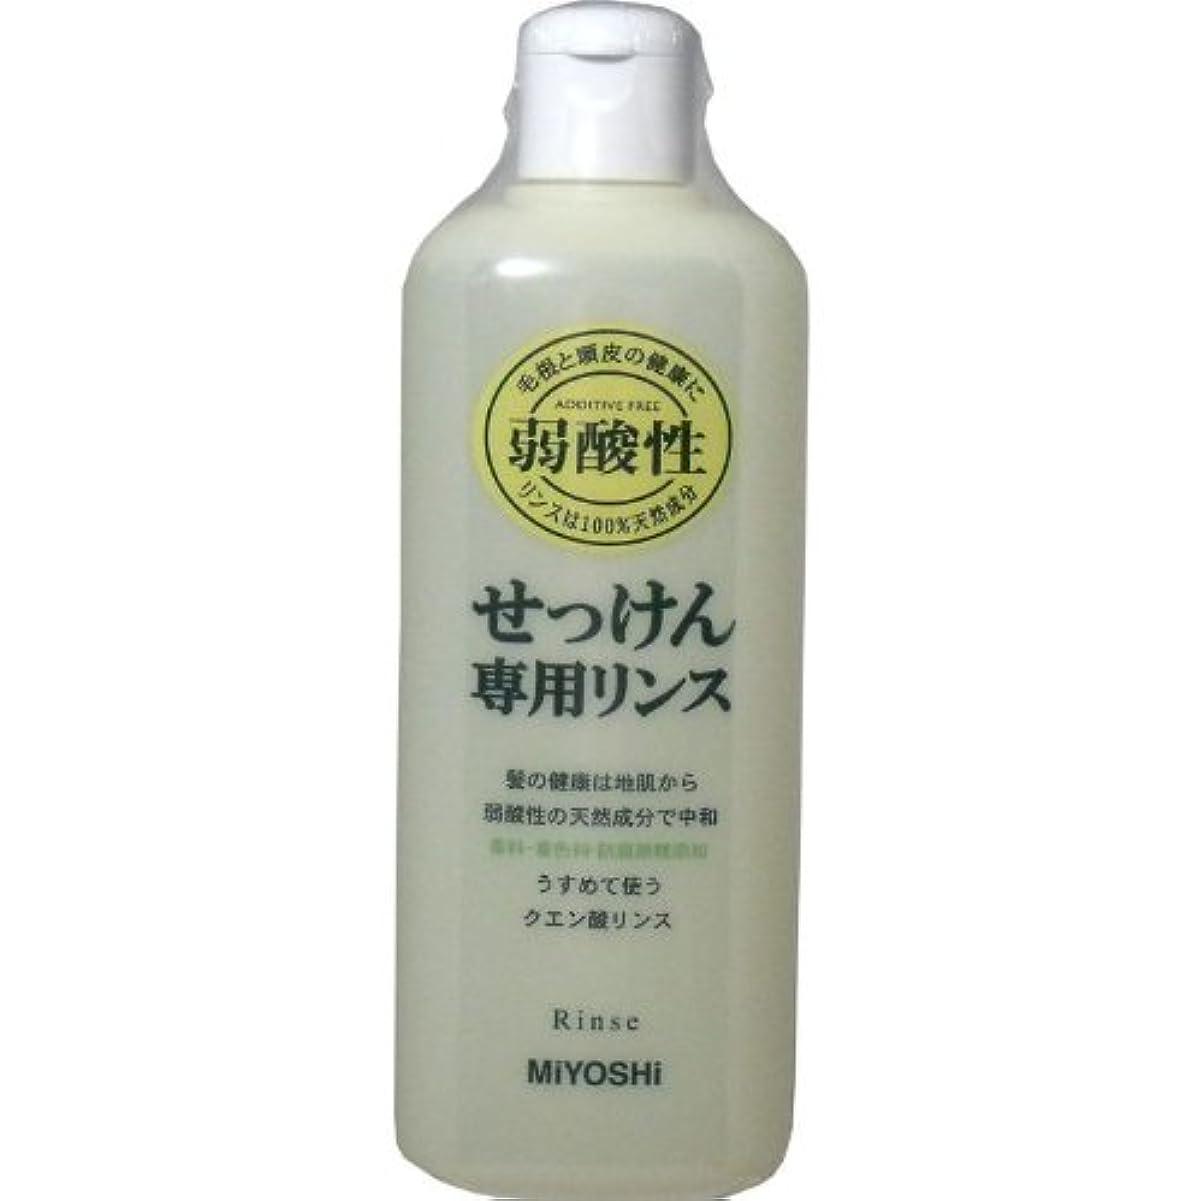 理由有彩色の寝室髪の健康は地肌から、弱酸性の天然成分で中和!!香料、防腐剤、着色料無添加!うすめて使うクエン酸リンス!リンス 350mL【2個セット】